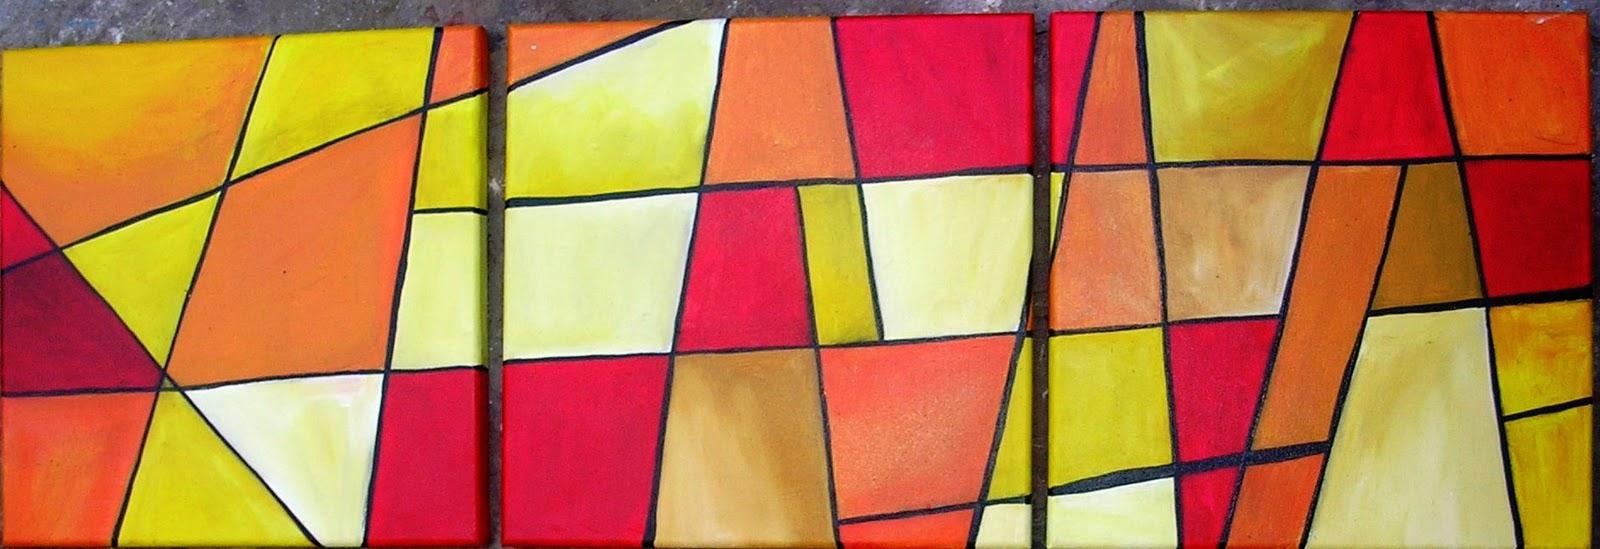 Free download cuadros oleo tripticos abstractos - Cuadros abstractos minimalistas ...